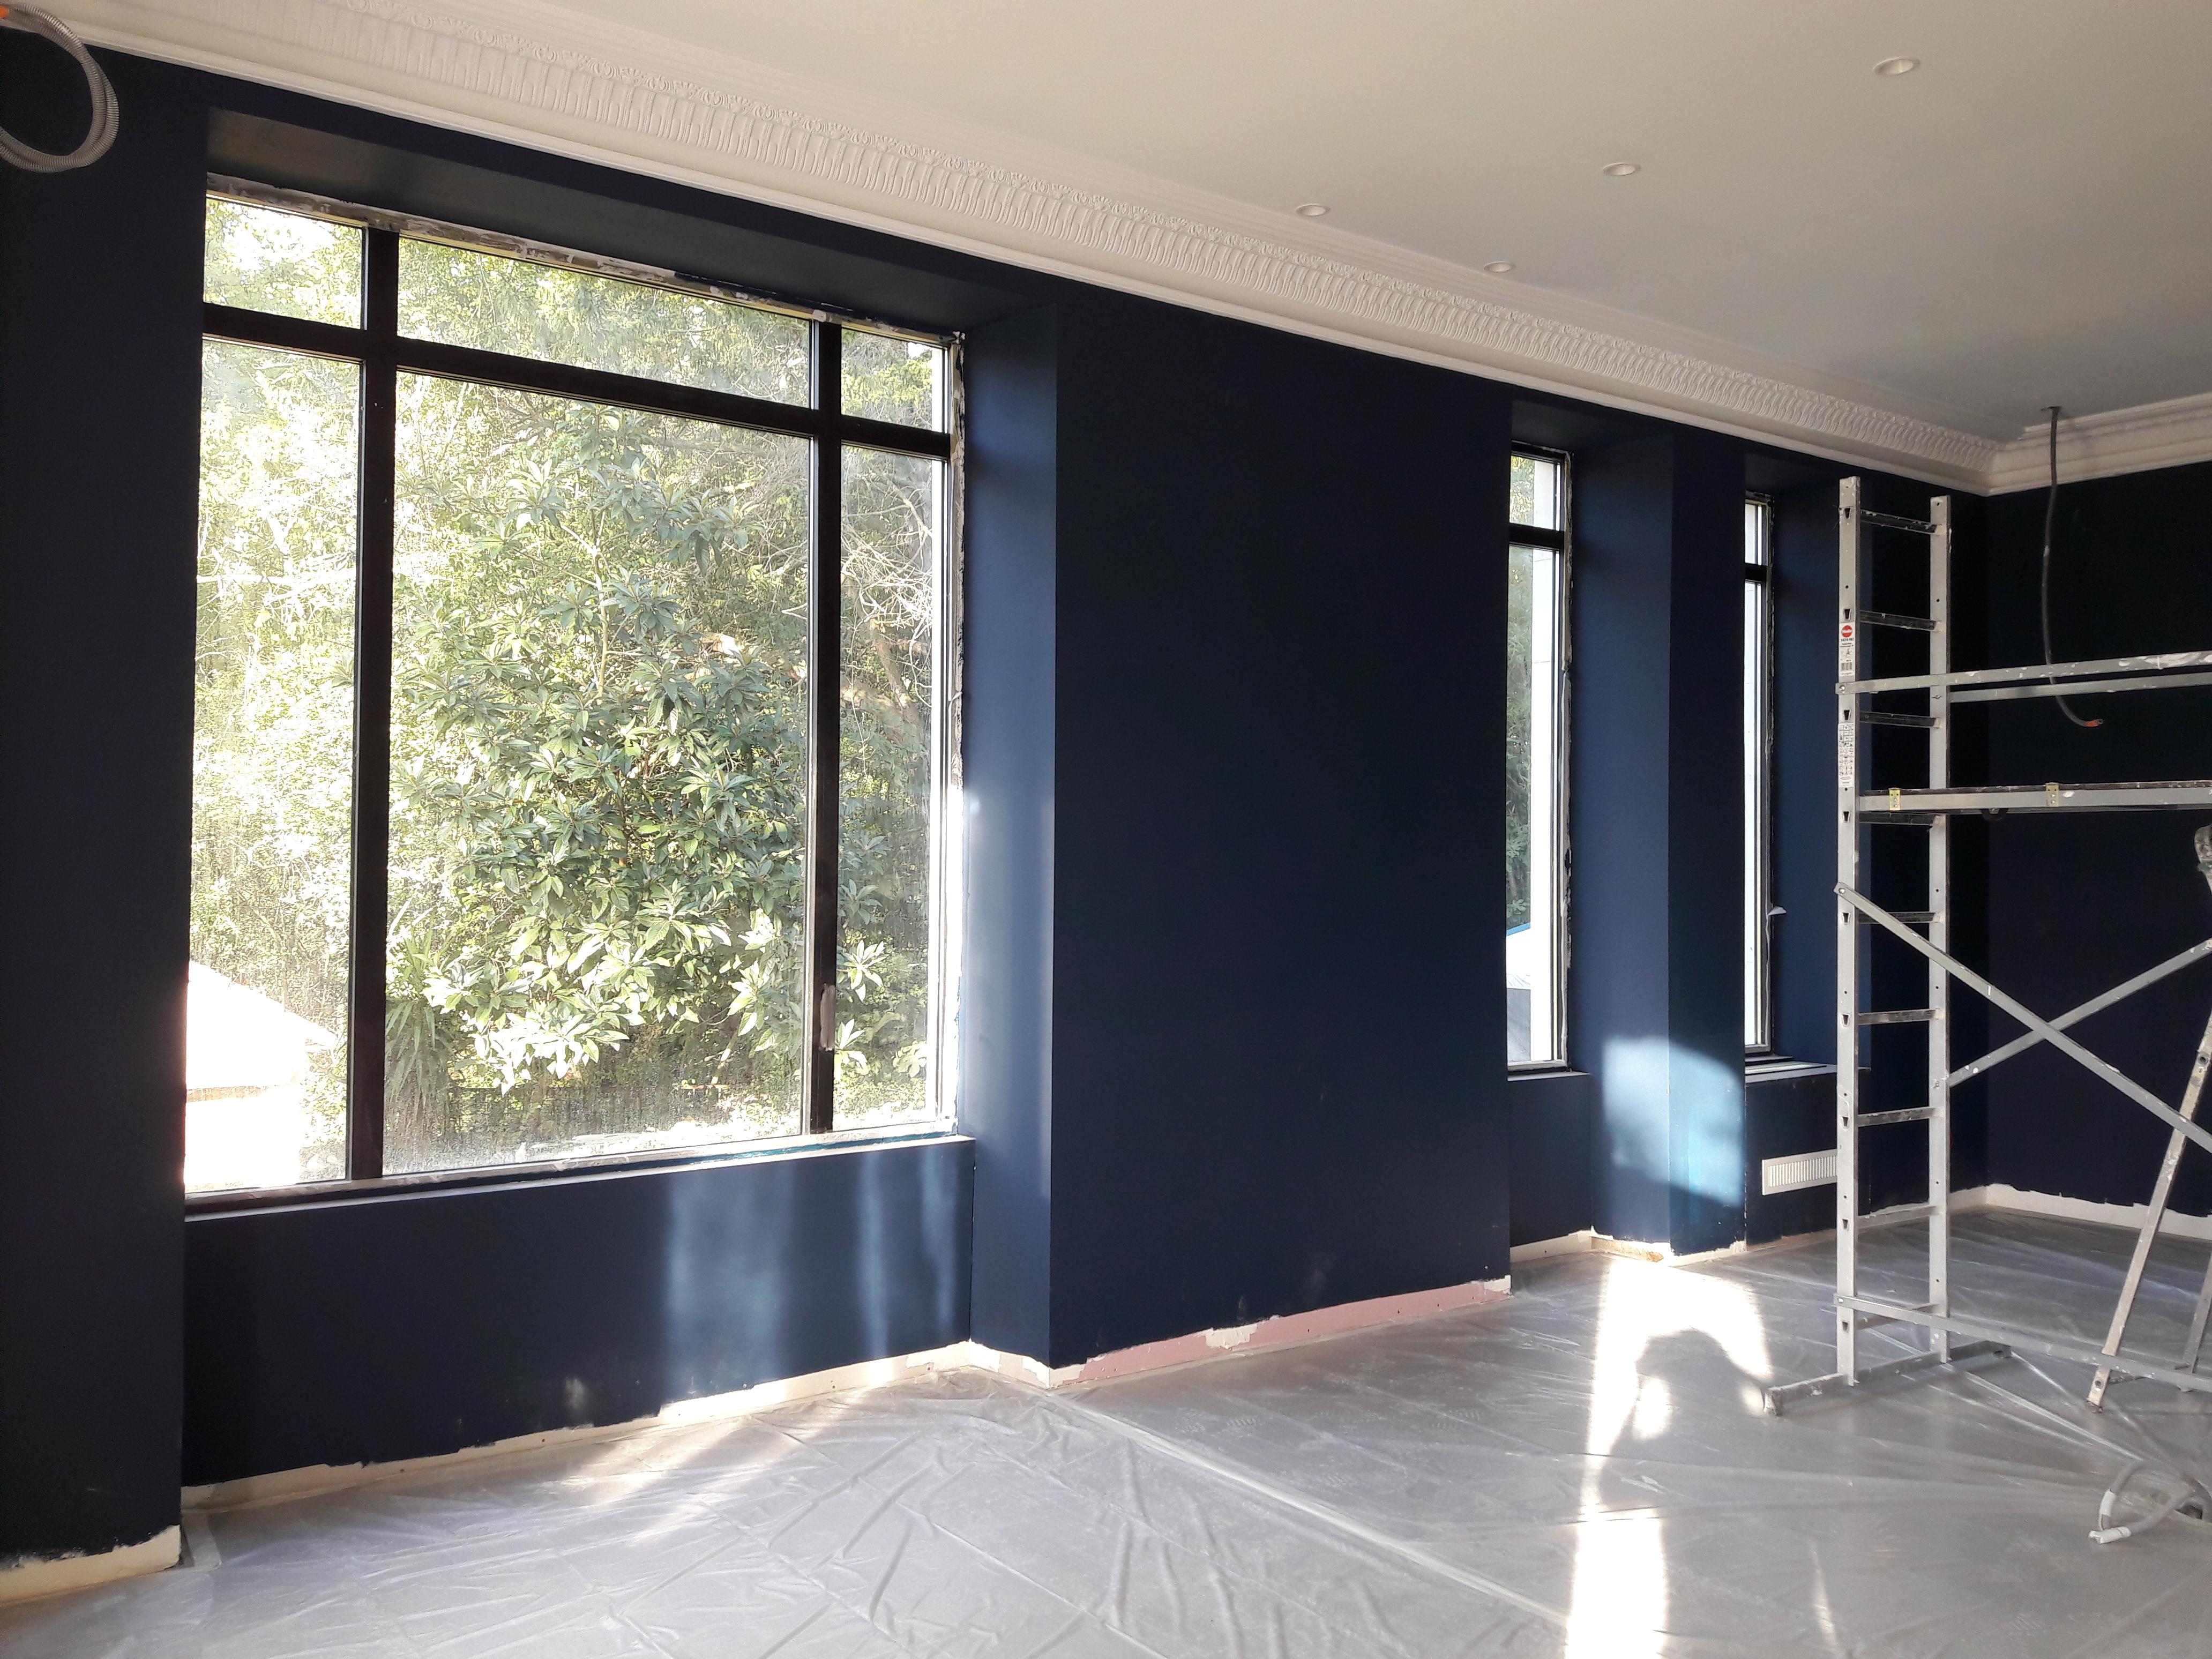 Couleur, Bleu, Baies atelier, Vitrages, Salon, Moulures, Eclairage, rénovation Grans, par Viviane Bedos, Décoratrice UFDI à Rognac (13)